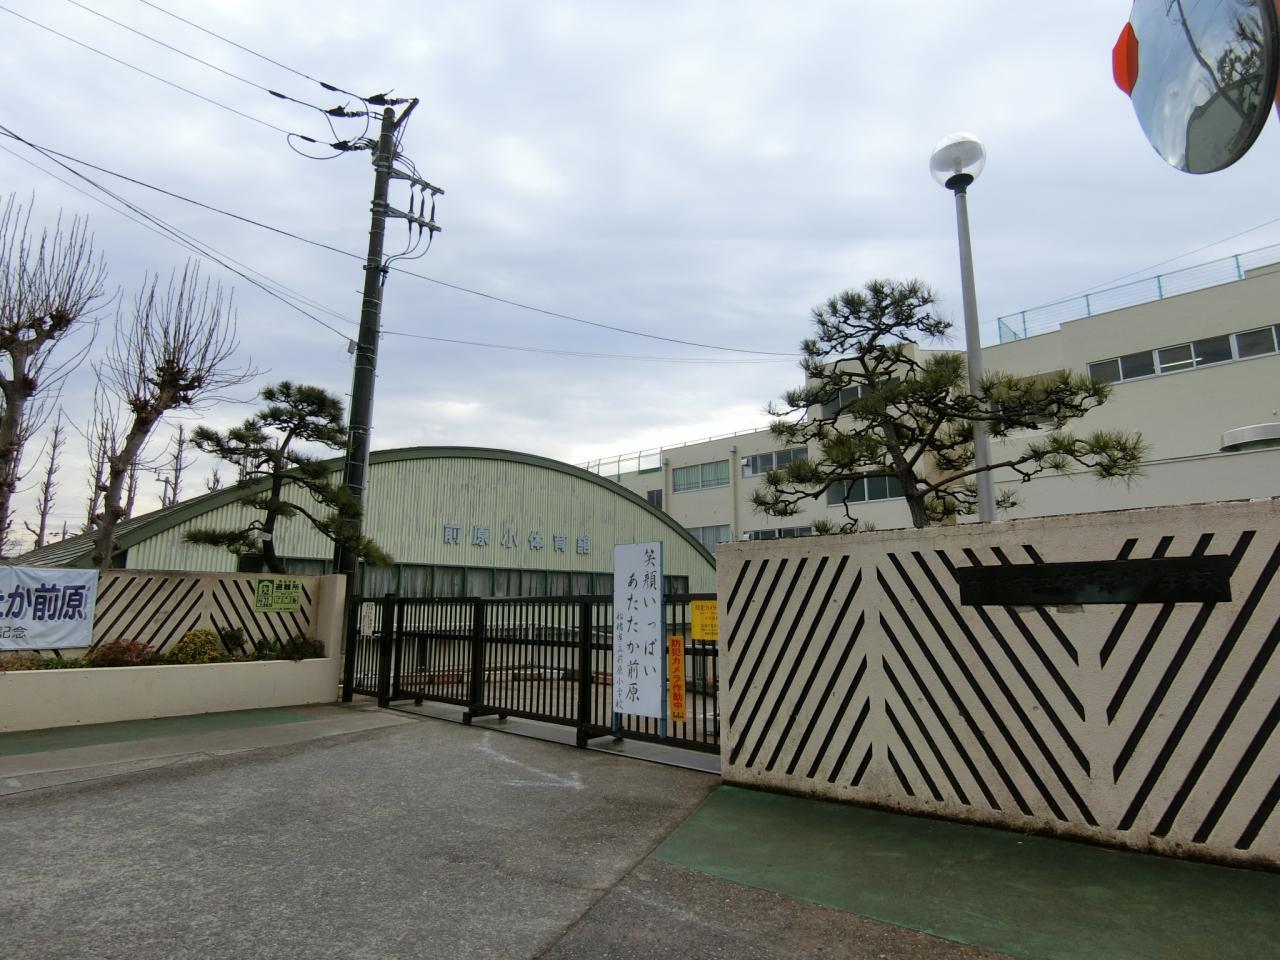 土地 船橋市前原西3丁目14-33 JR総武本線津田沼駅 4370万円